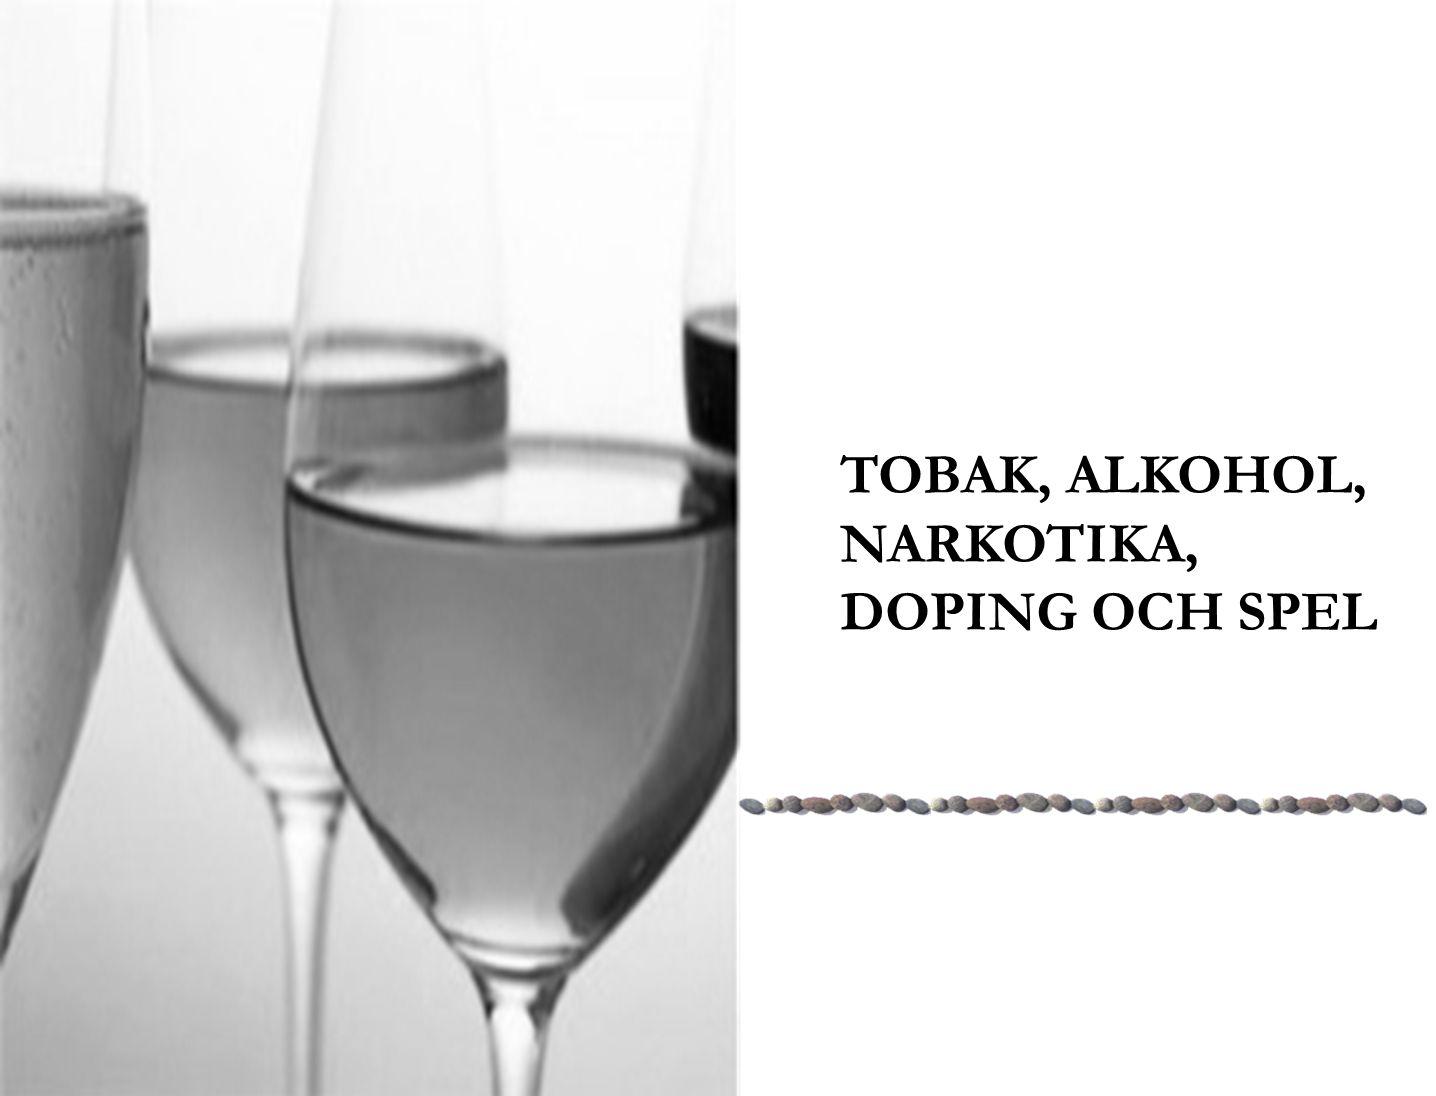 TOBAK, ALKOHOL, NARKOTIKA, DOPING OCH SPEL